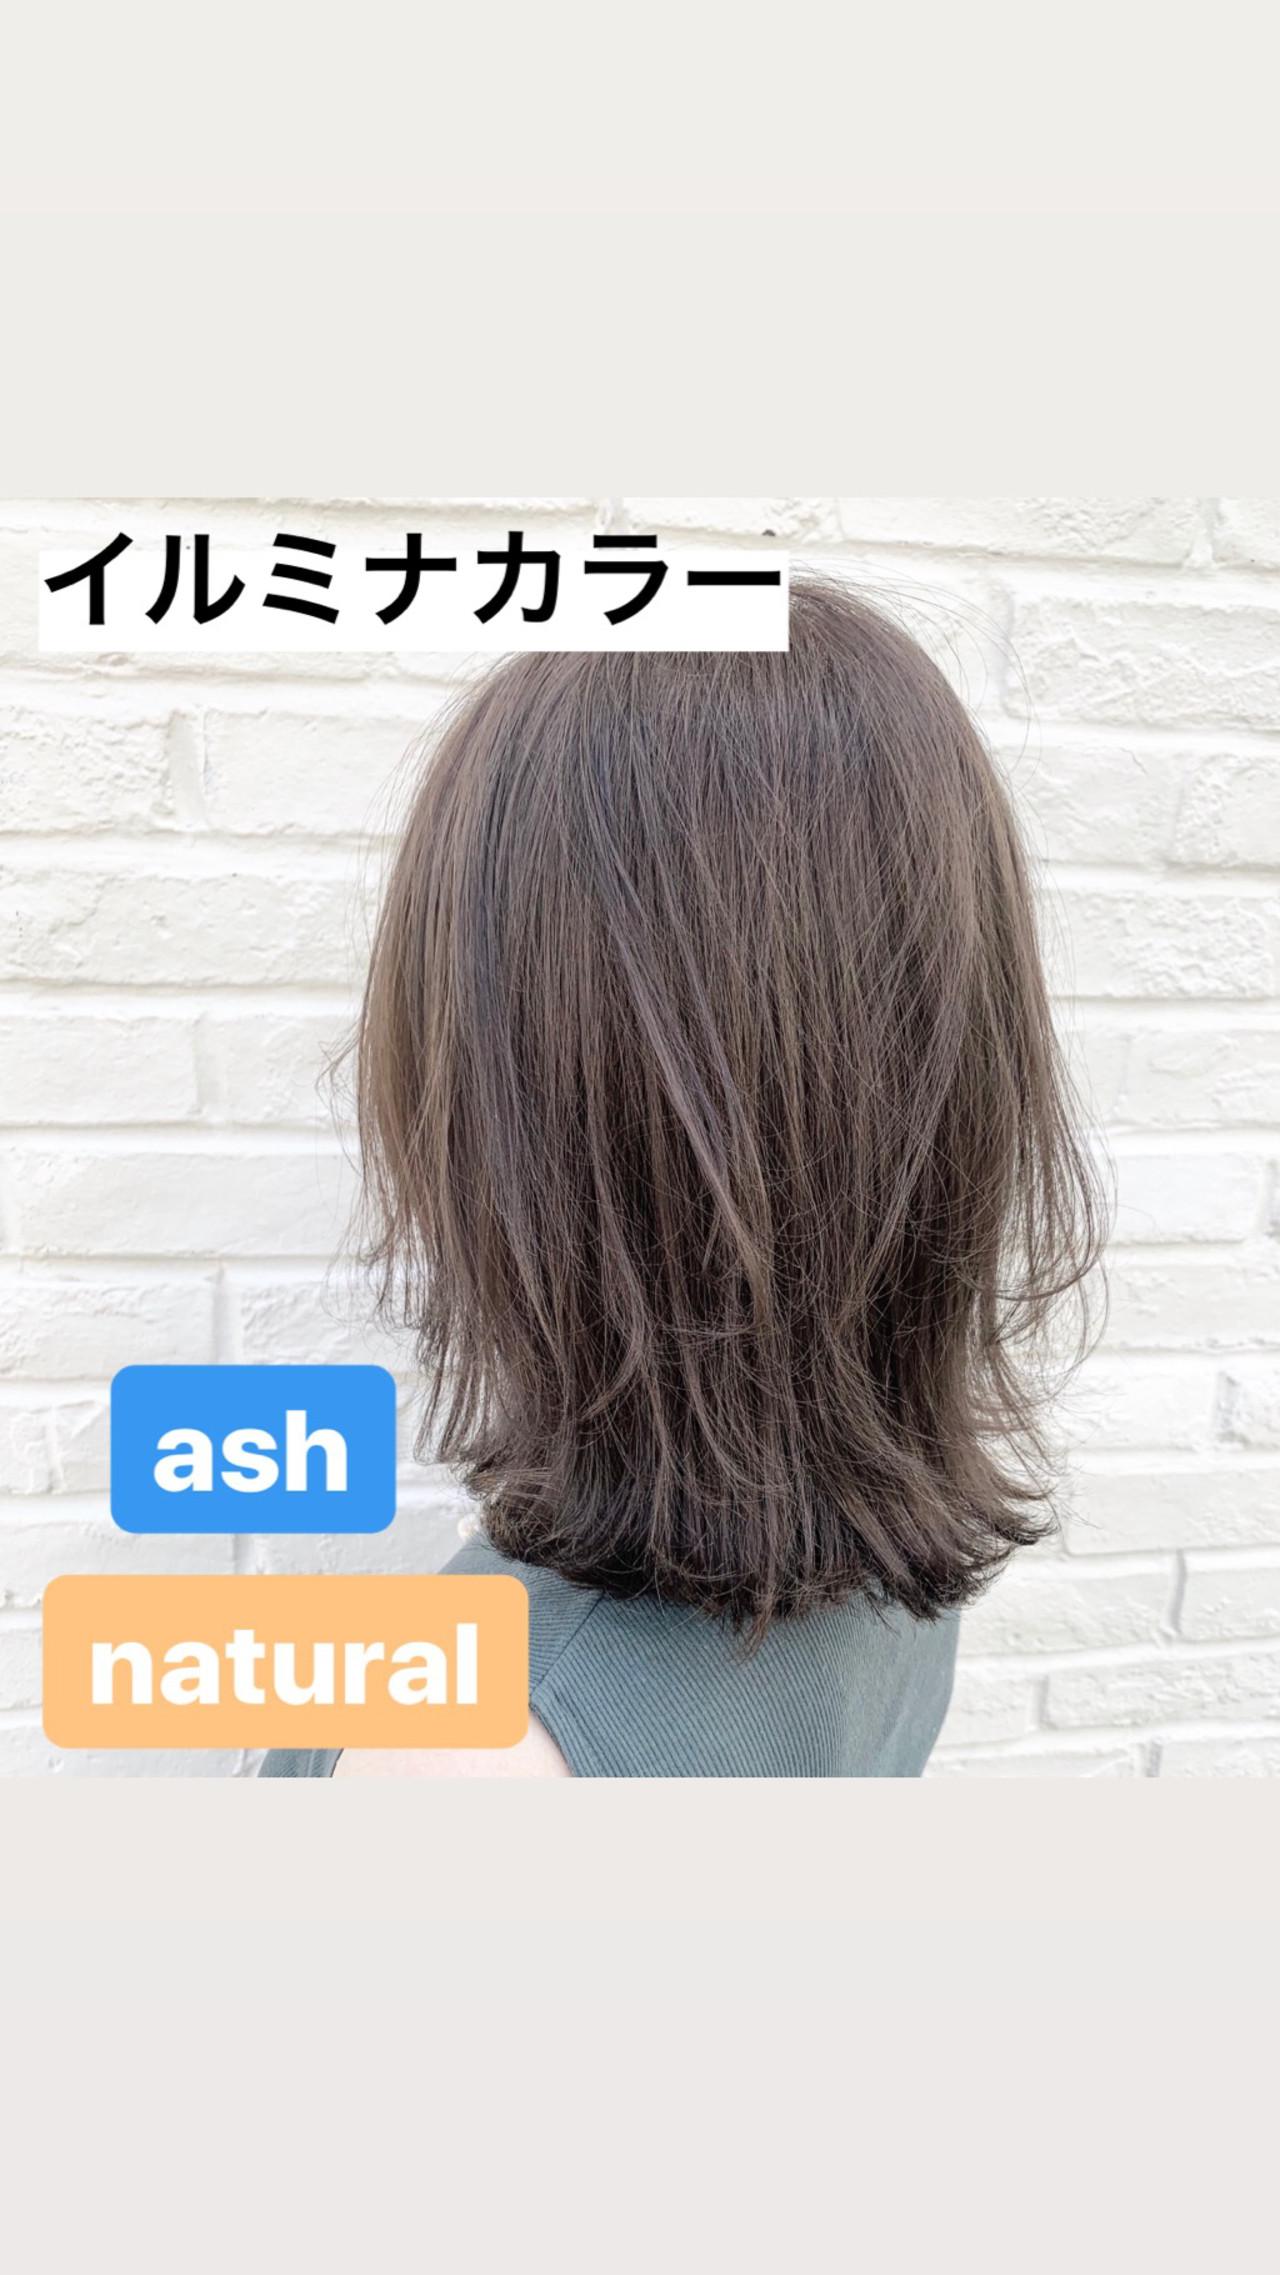 ブリーチ無し アッシュグレージュ 透明感カラー ナチュラル ヘアスタイルや髪型の写真・画像